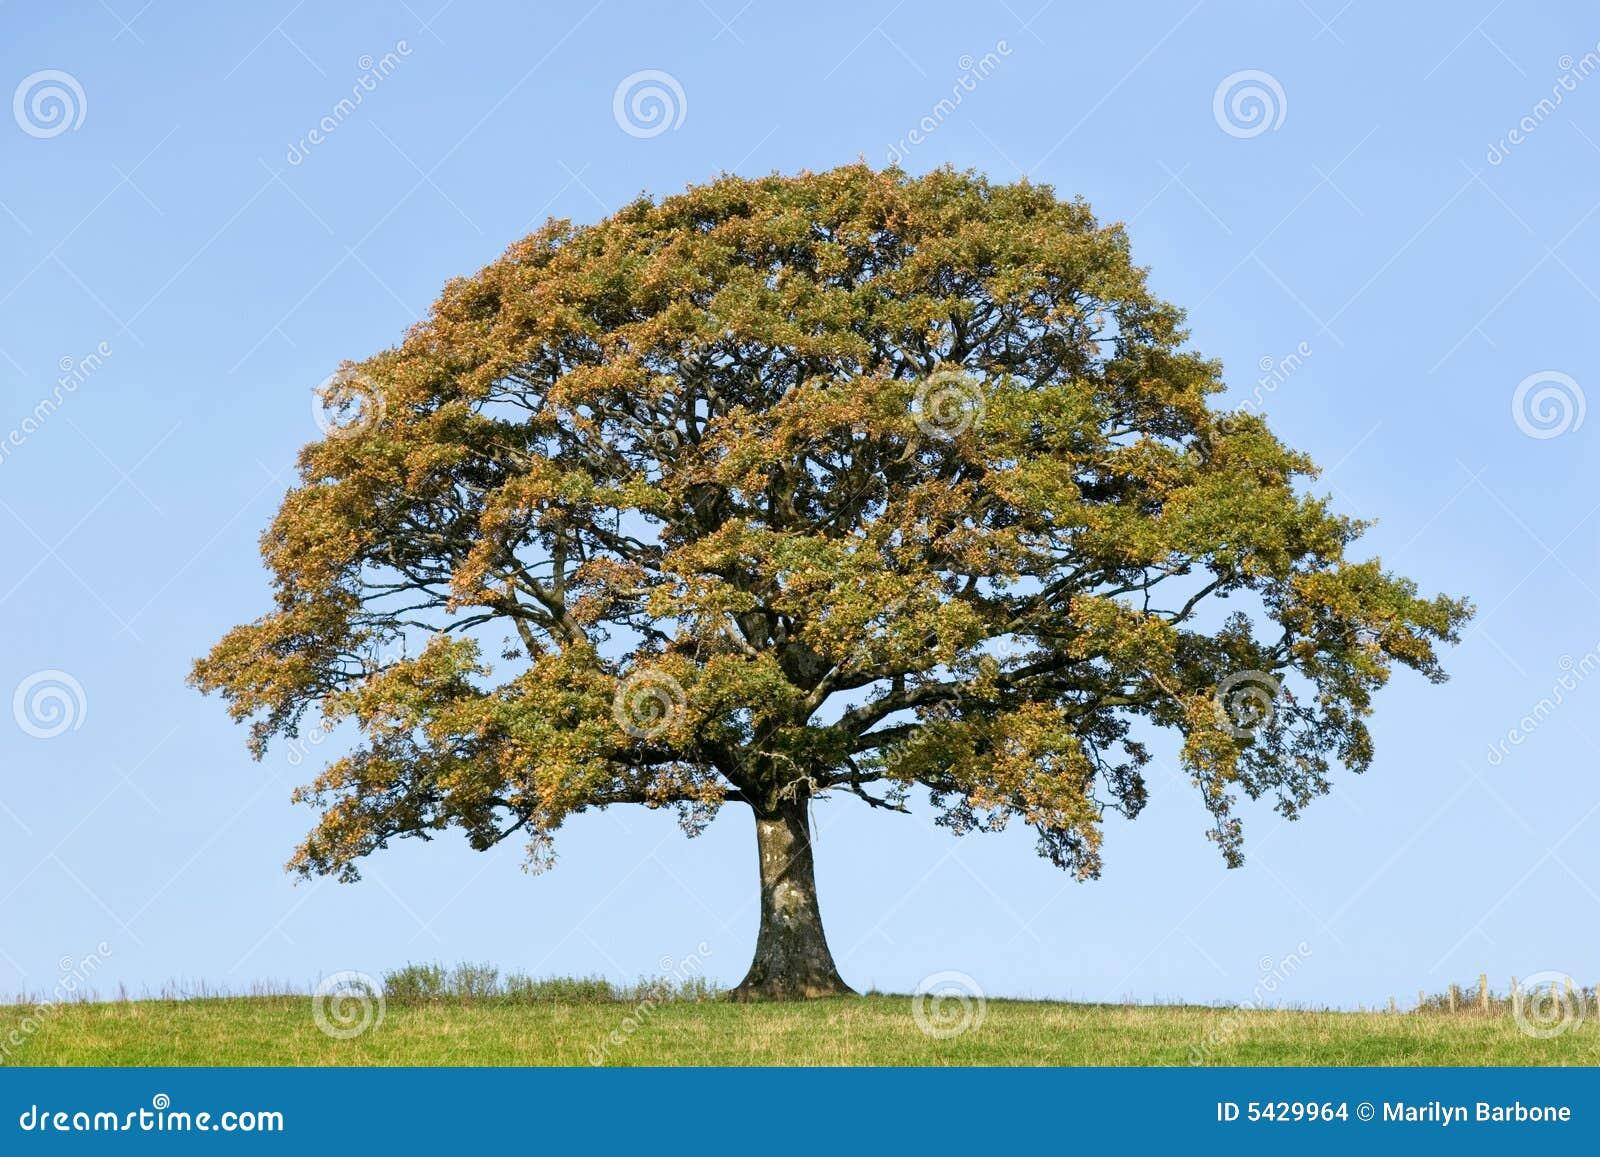 Eichen-Baum im frühen Herbst